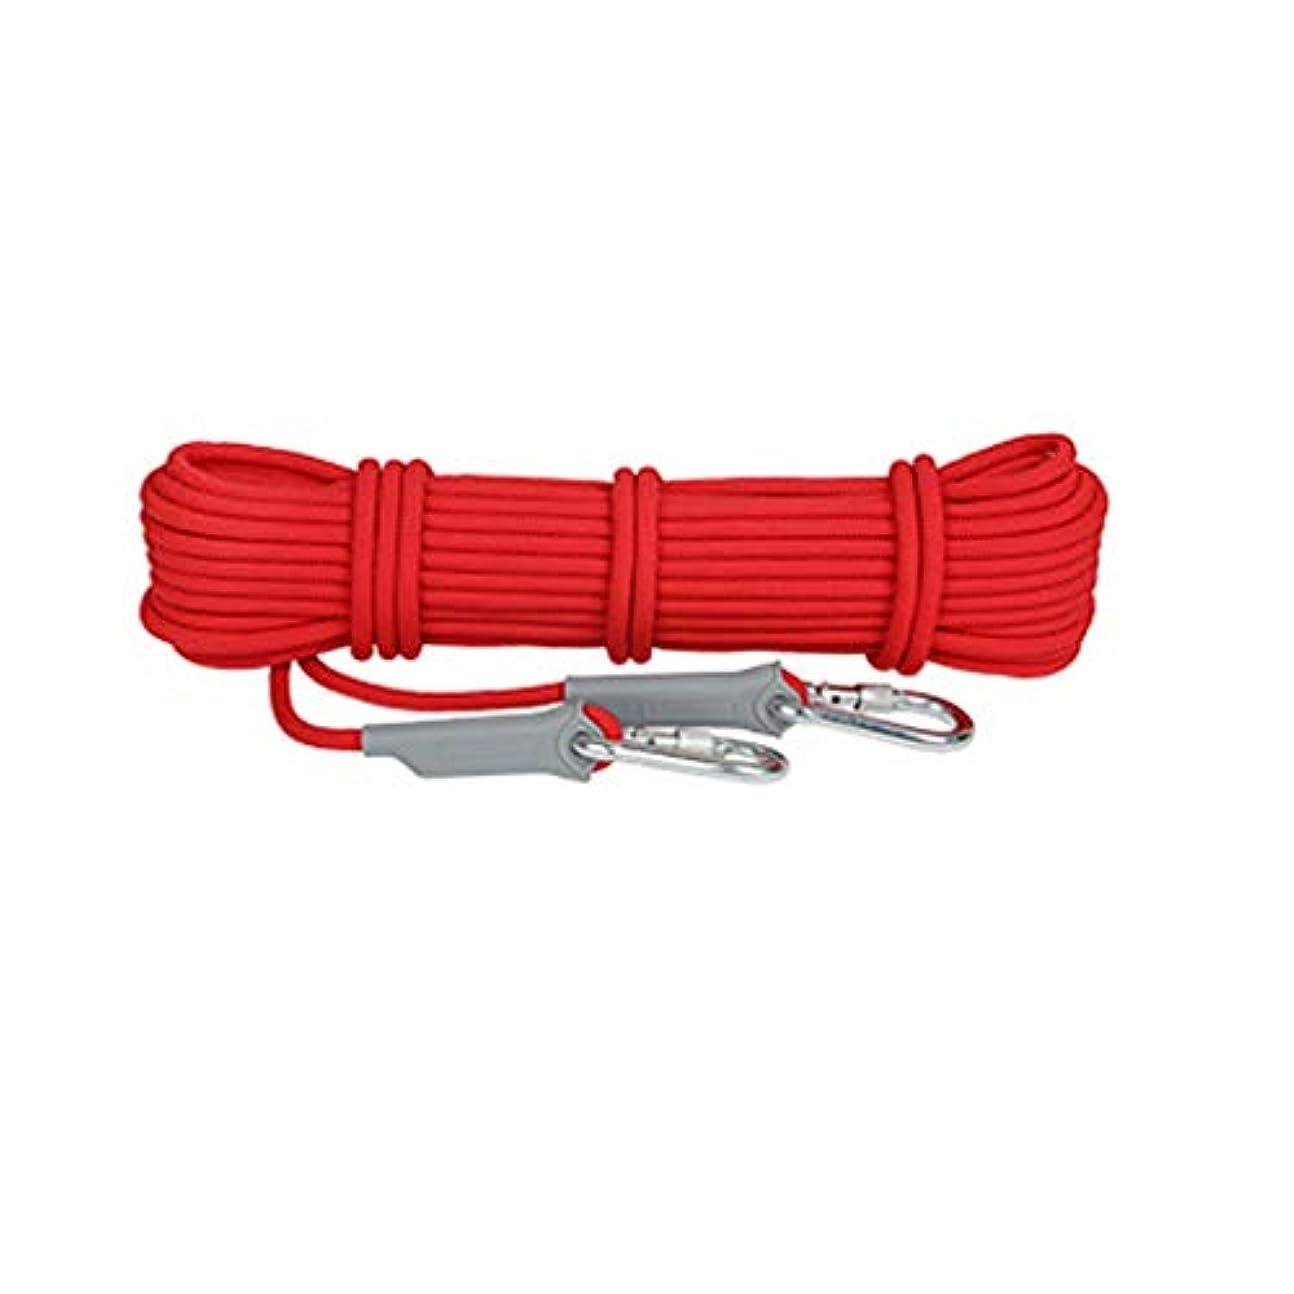 素晴らしいです美人実り多いクライミングロープ、直径12mm屋外用マウンテンラペリングアブセーリング救助用サバイバル機器、40m超軽量クイックドライイング安全コード(色:赤、サイズ:40m)